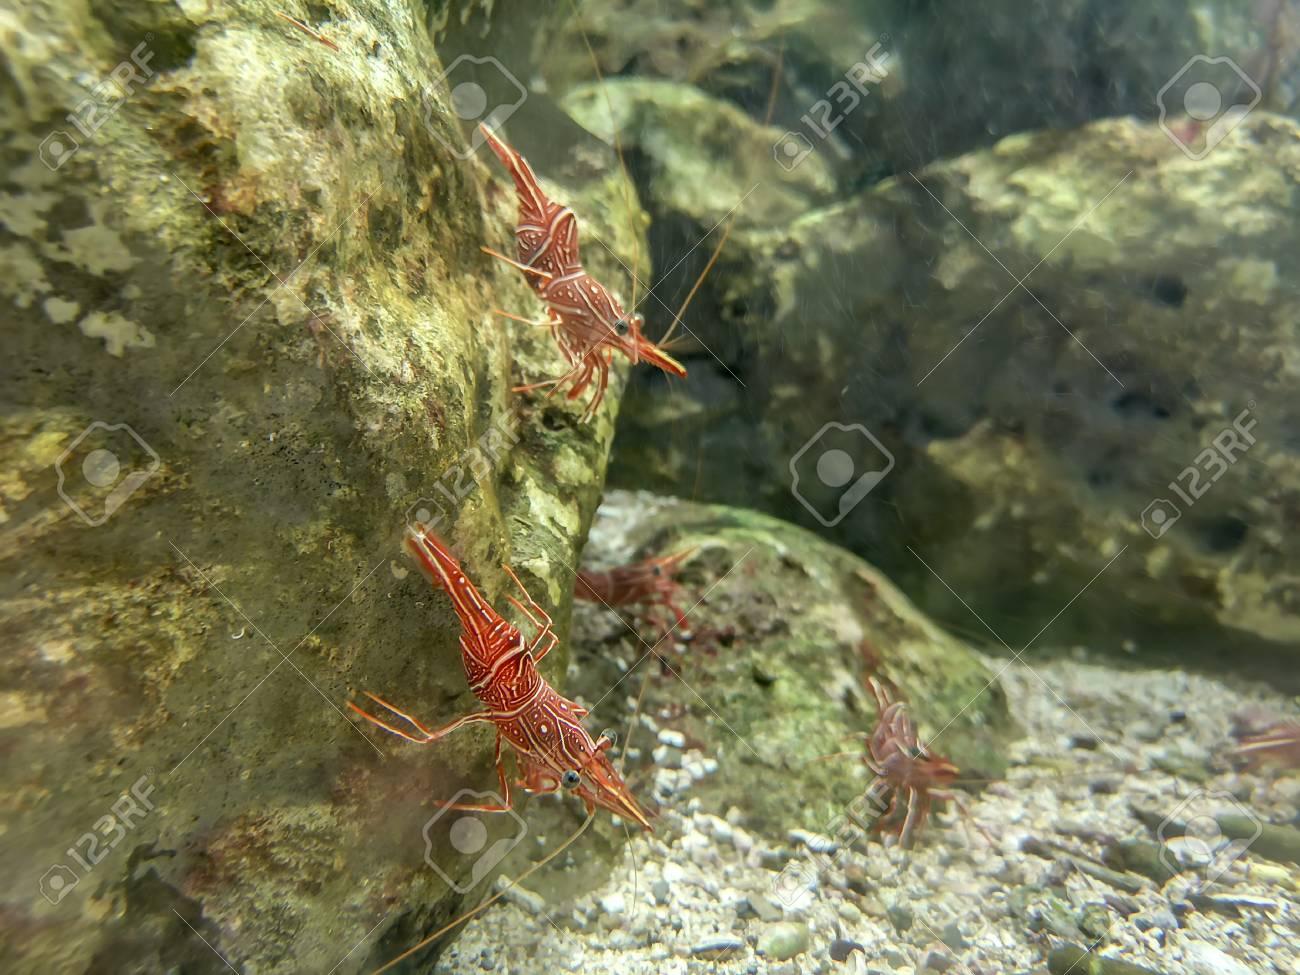 Red camel shrimp or hinge-beak shrimp on rock under water - 105929056